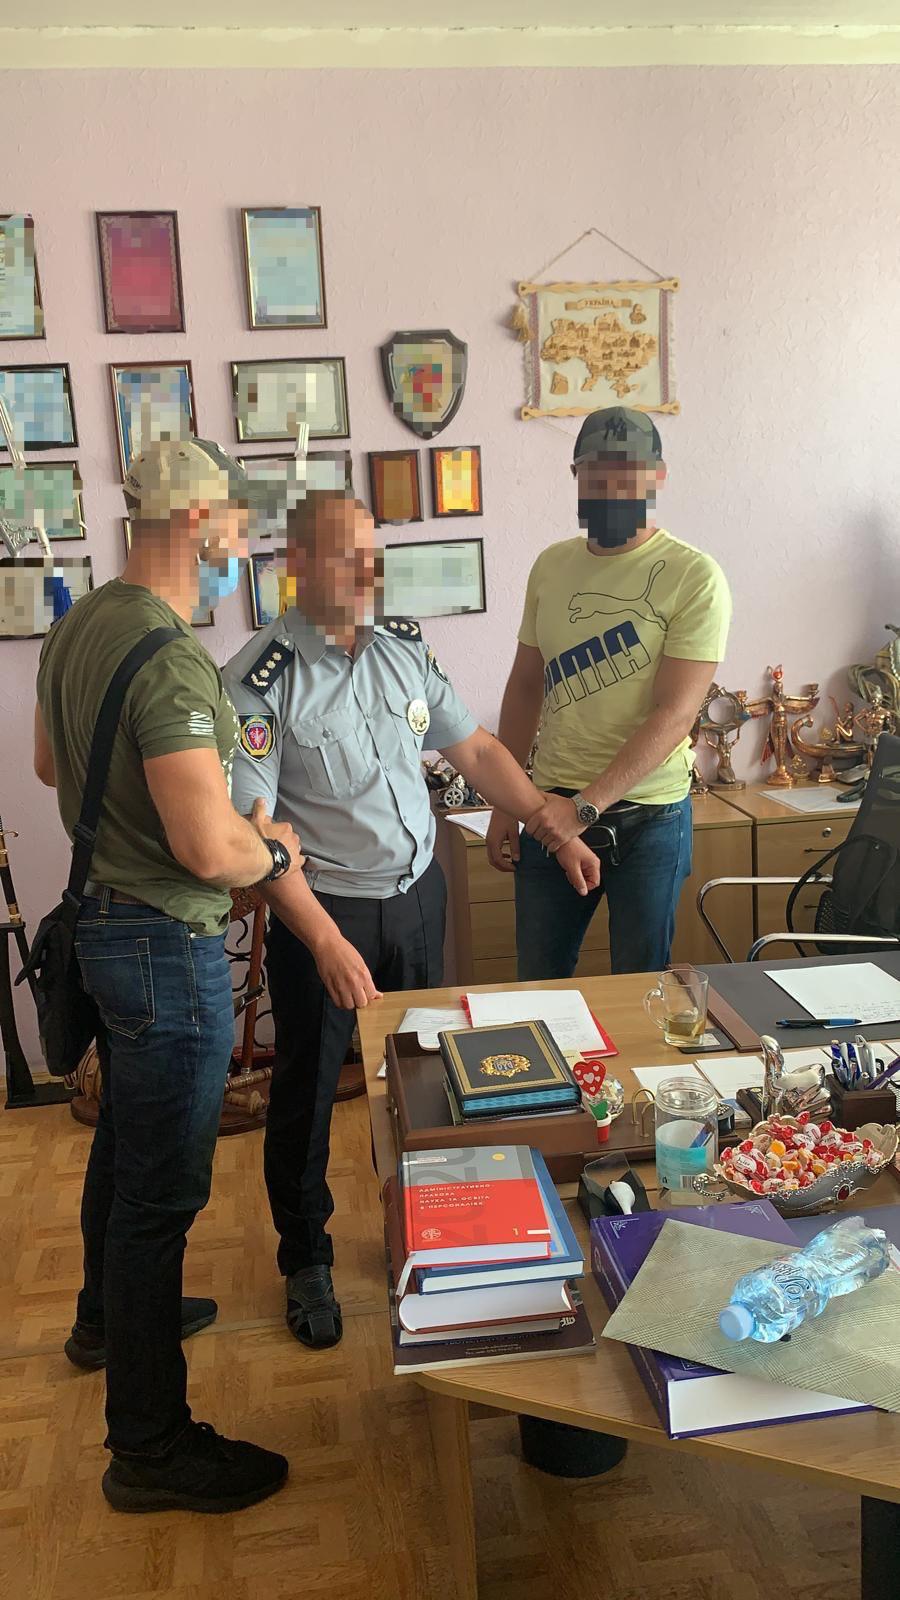 Декан Харьковского университета брал взятки за поступление в аспирантуру – Офис генпрокурора